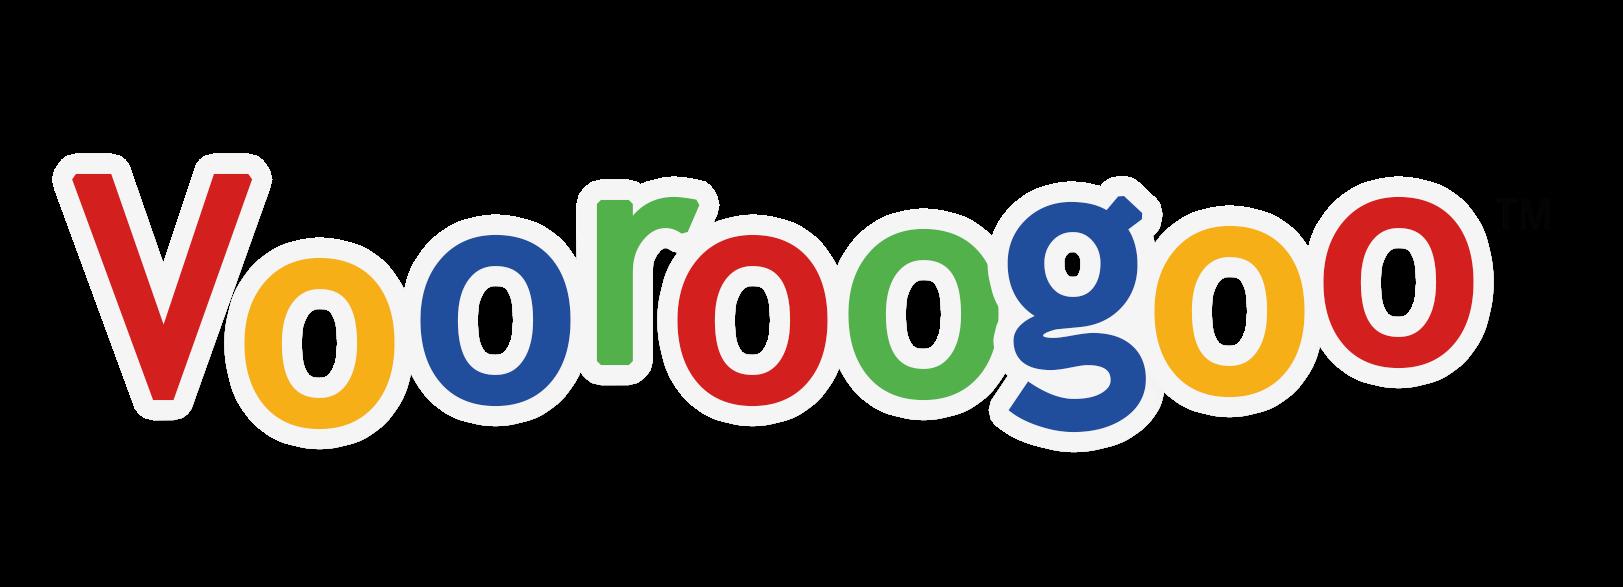 Vooroogoo